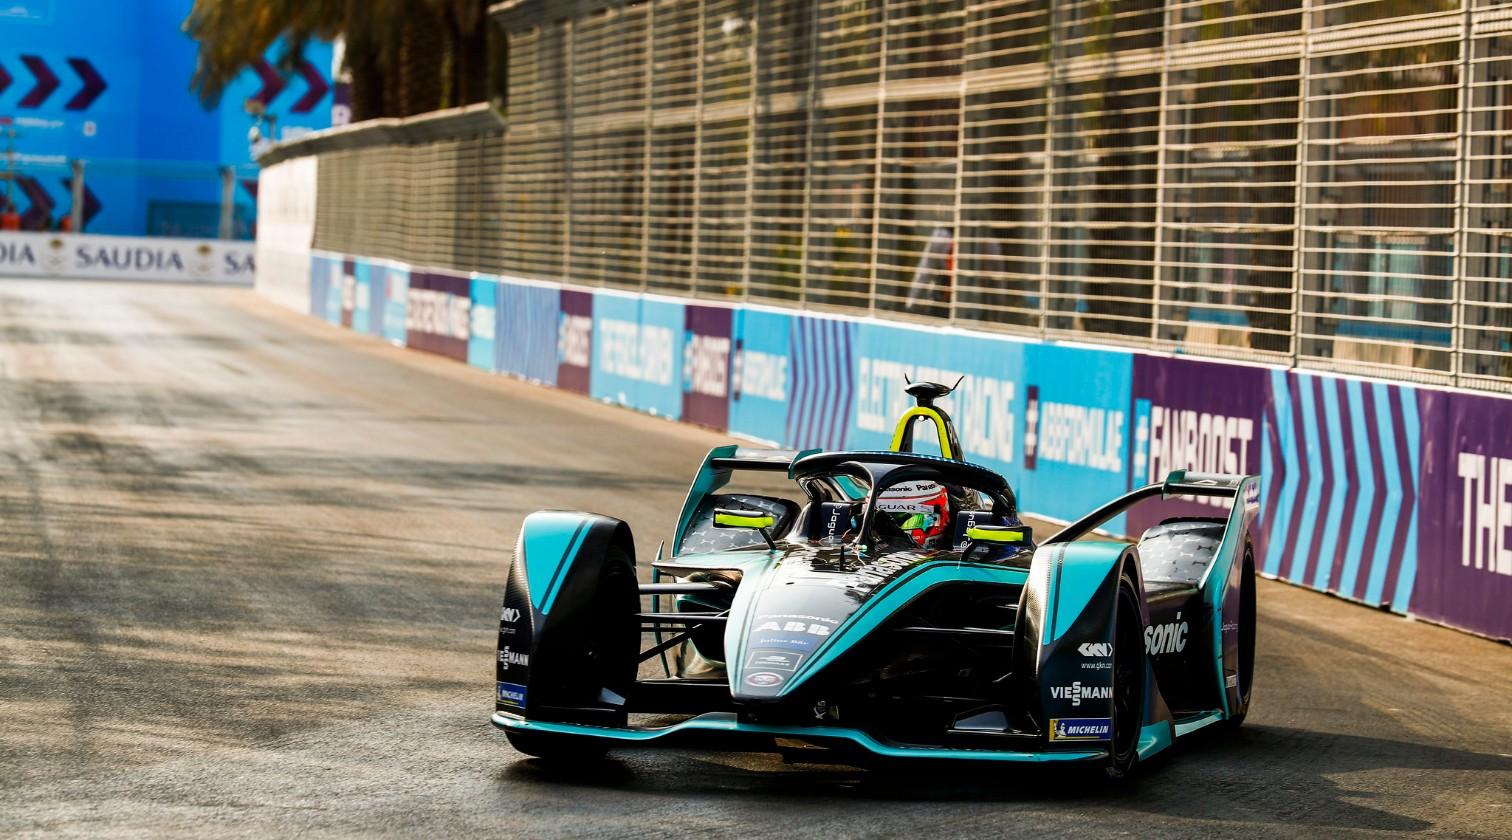 Mitch Evans driving his Jaguar Racing Formula E car